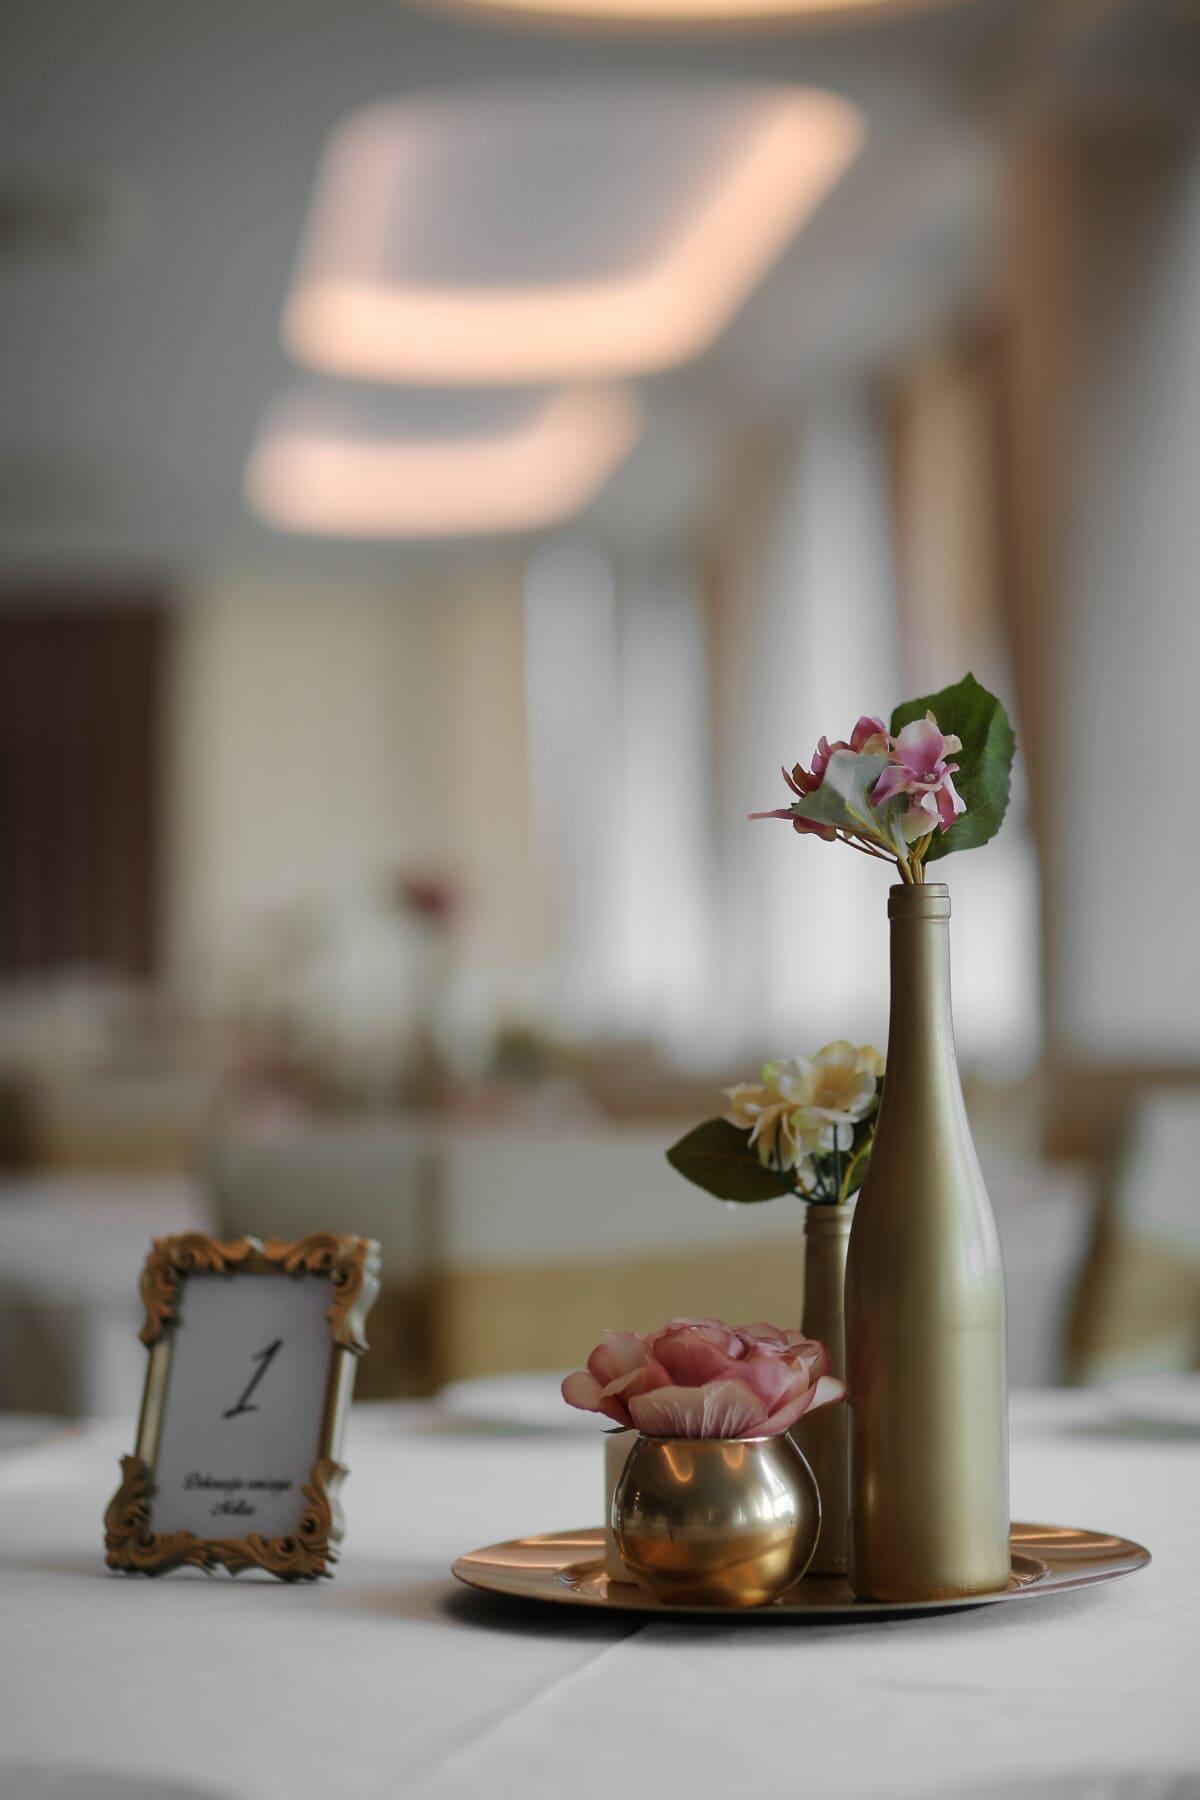 elegant, bottle, golden shine, vase, flowerpot, roses, bowl, indoors, interior design, wedding